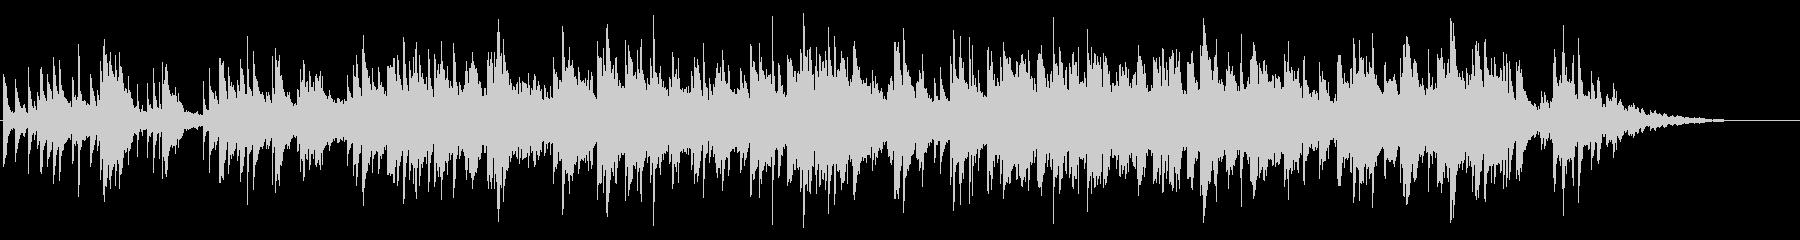 映画のエンドロール風 ゴシック調ピアノの未再生の波形